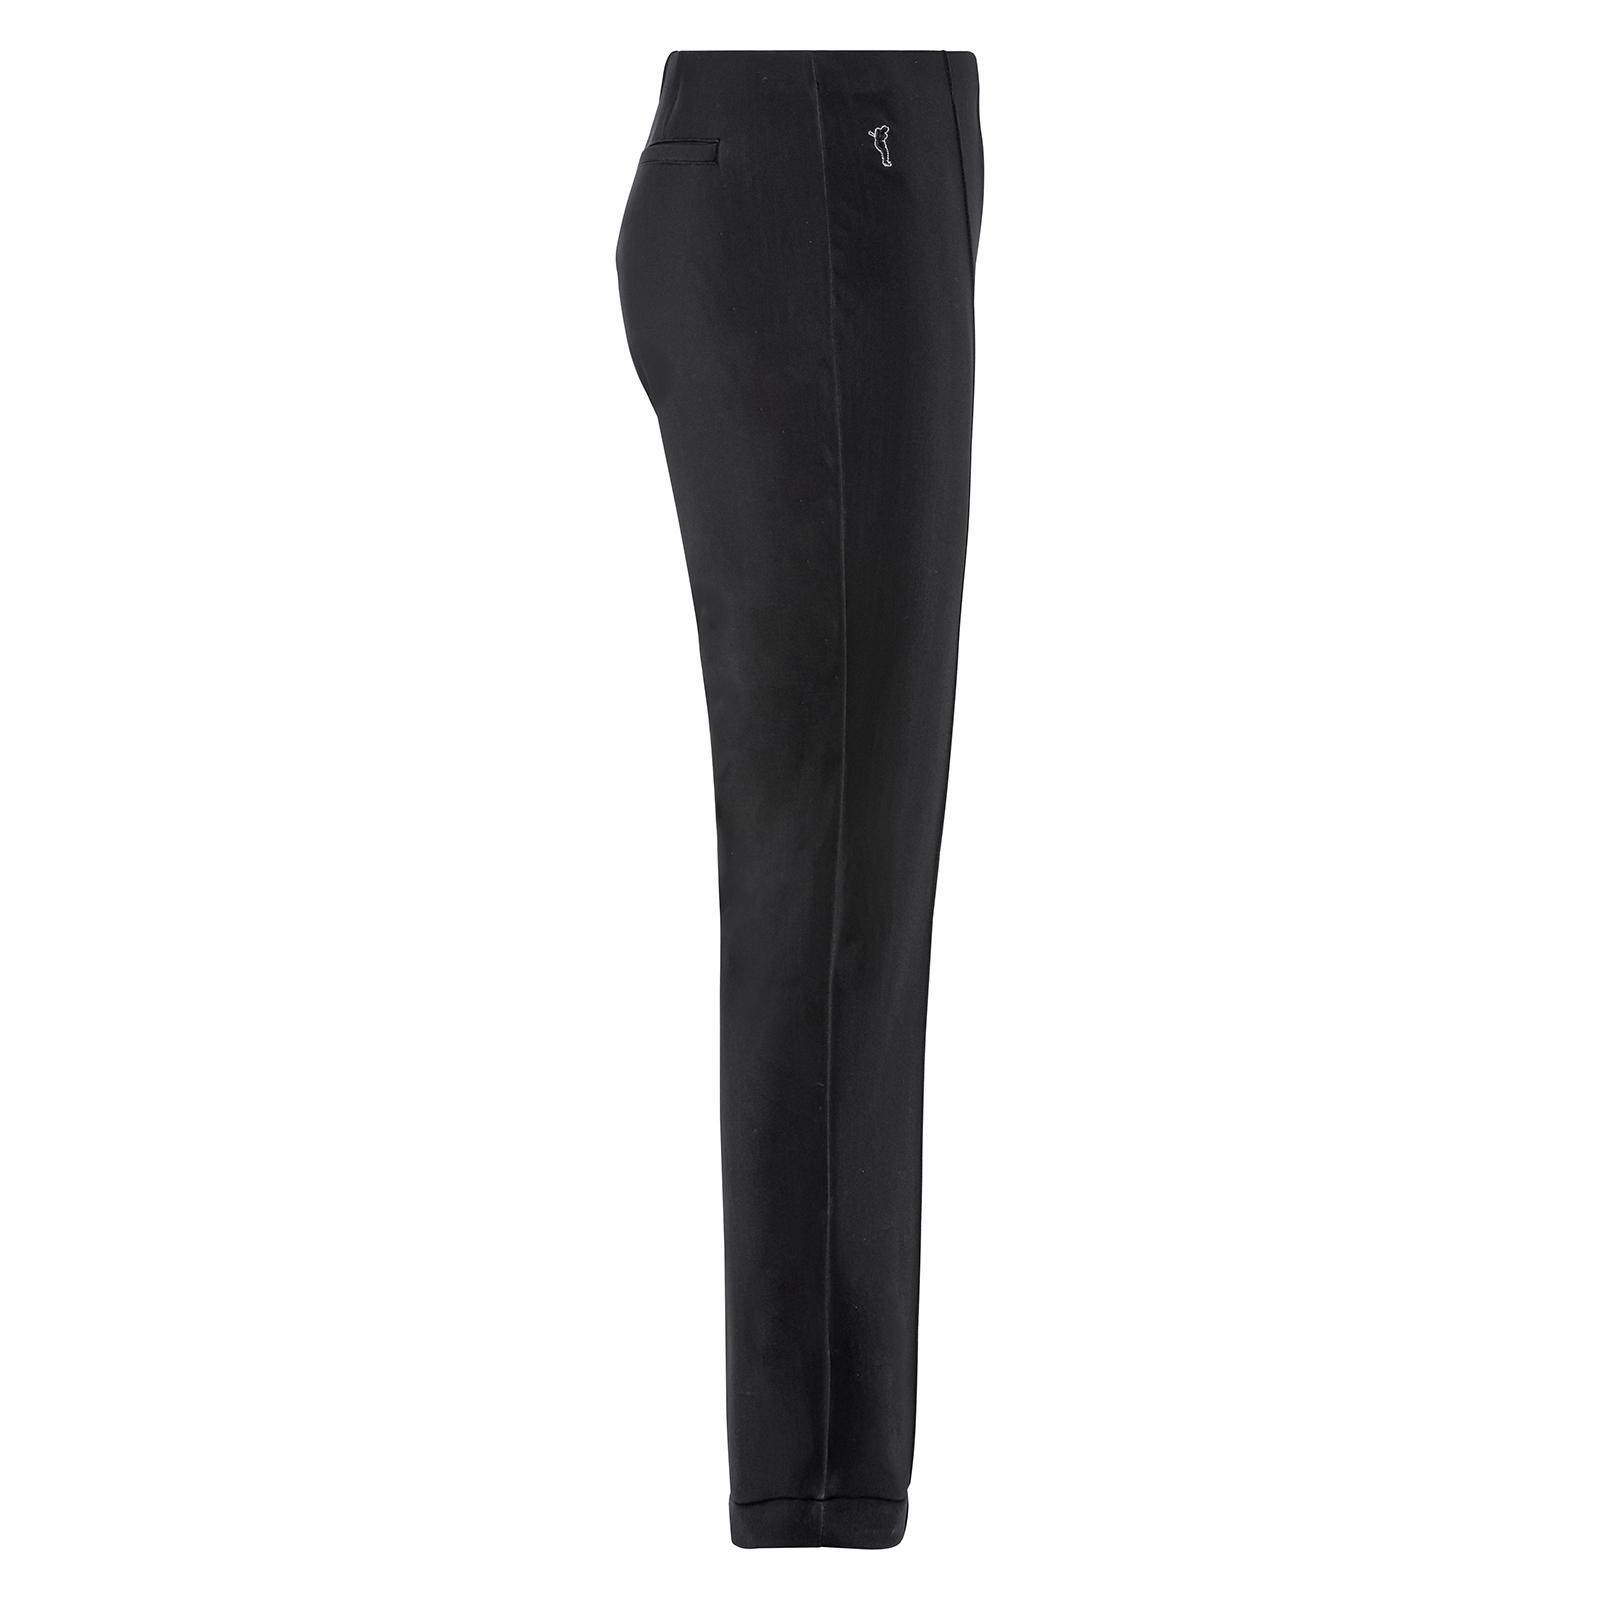 Besonders elastische Damen Hose